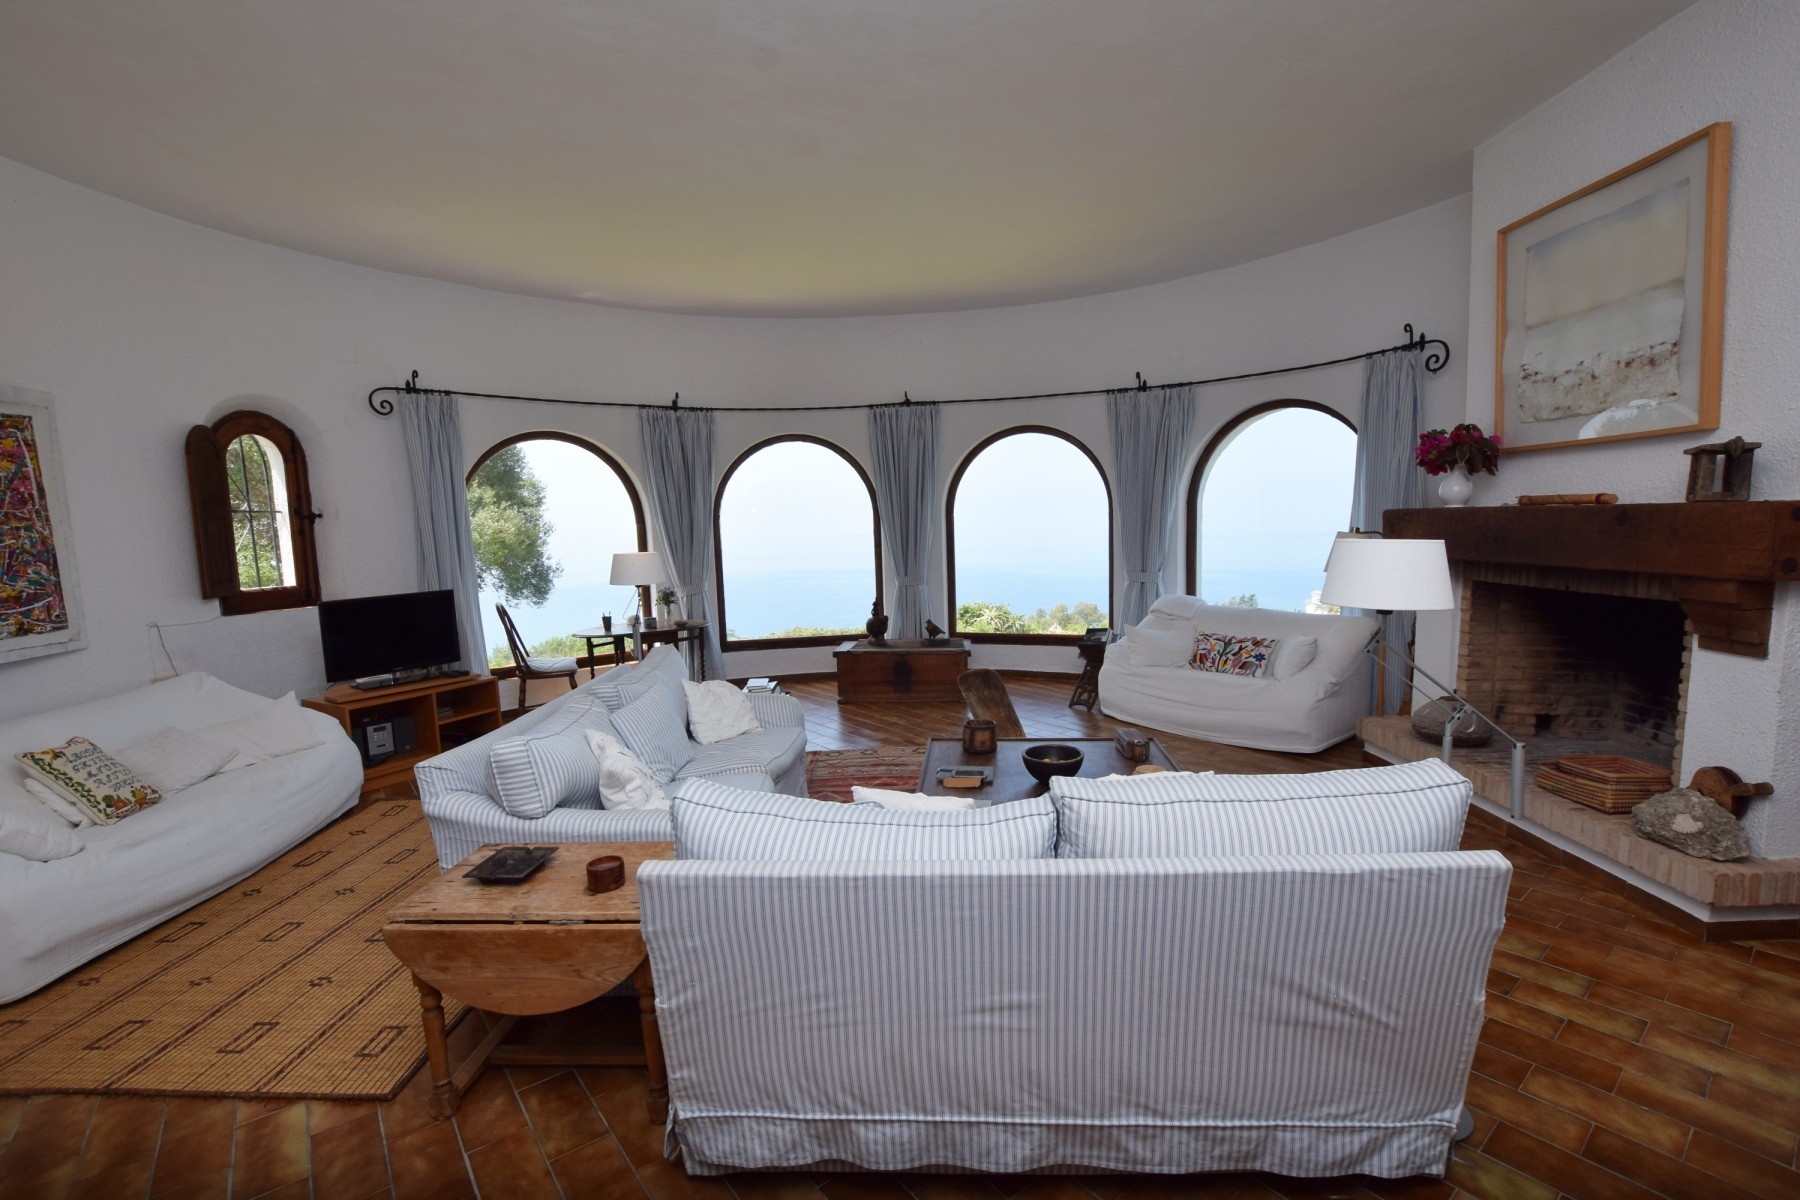 El Balcon - Salón con vistas al mar y chimenea